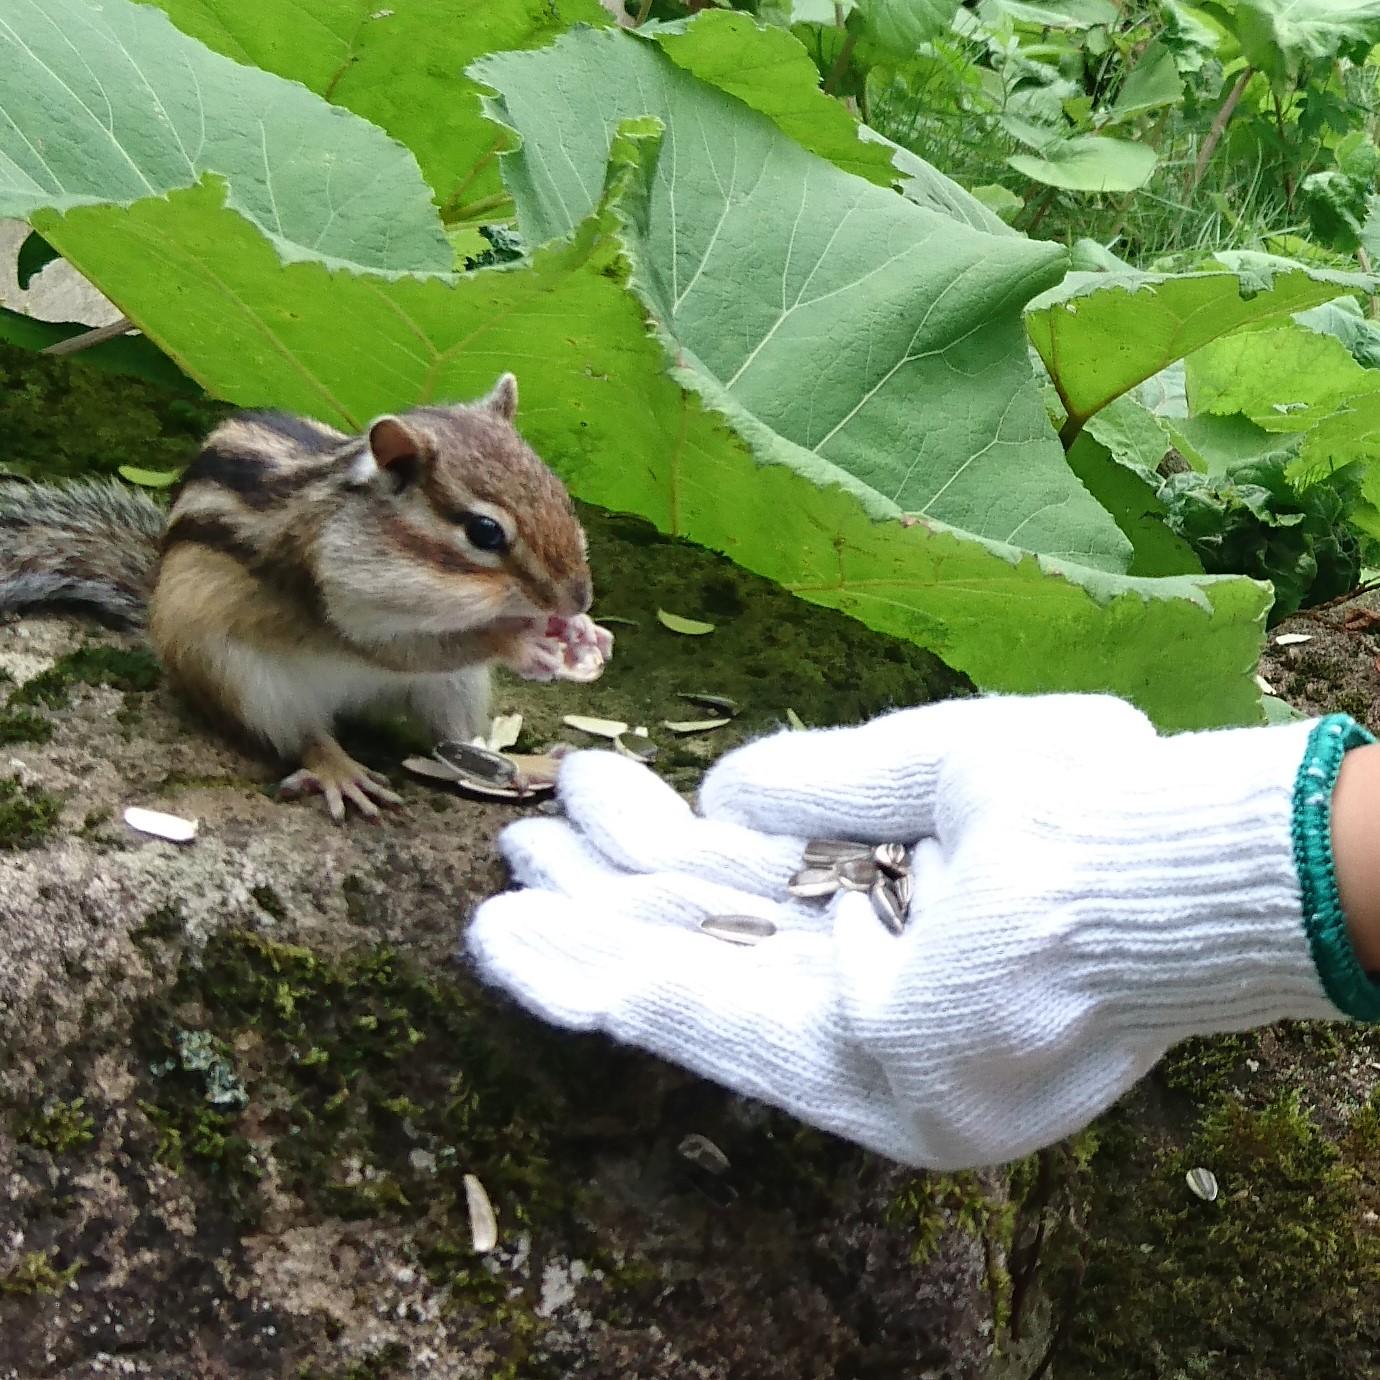 北海道でリスと触れ合い餌やりができる公園一覧